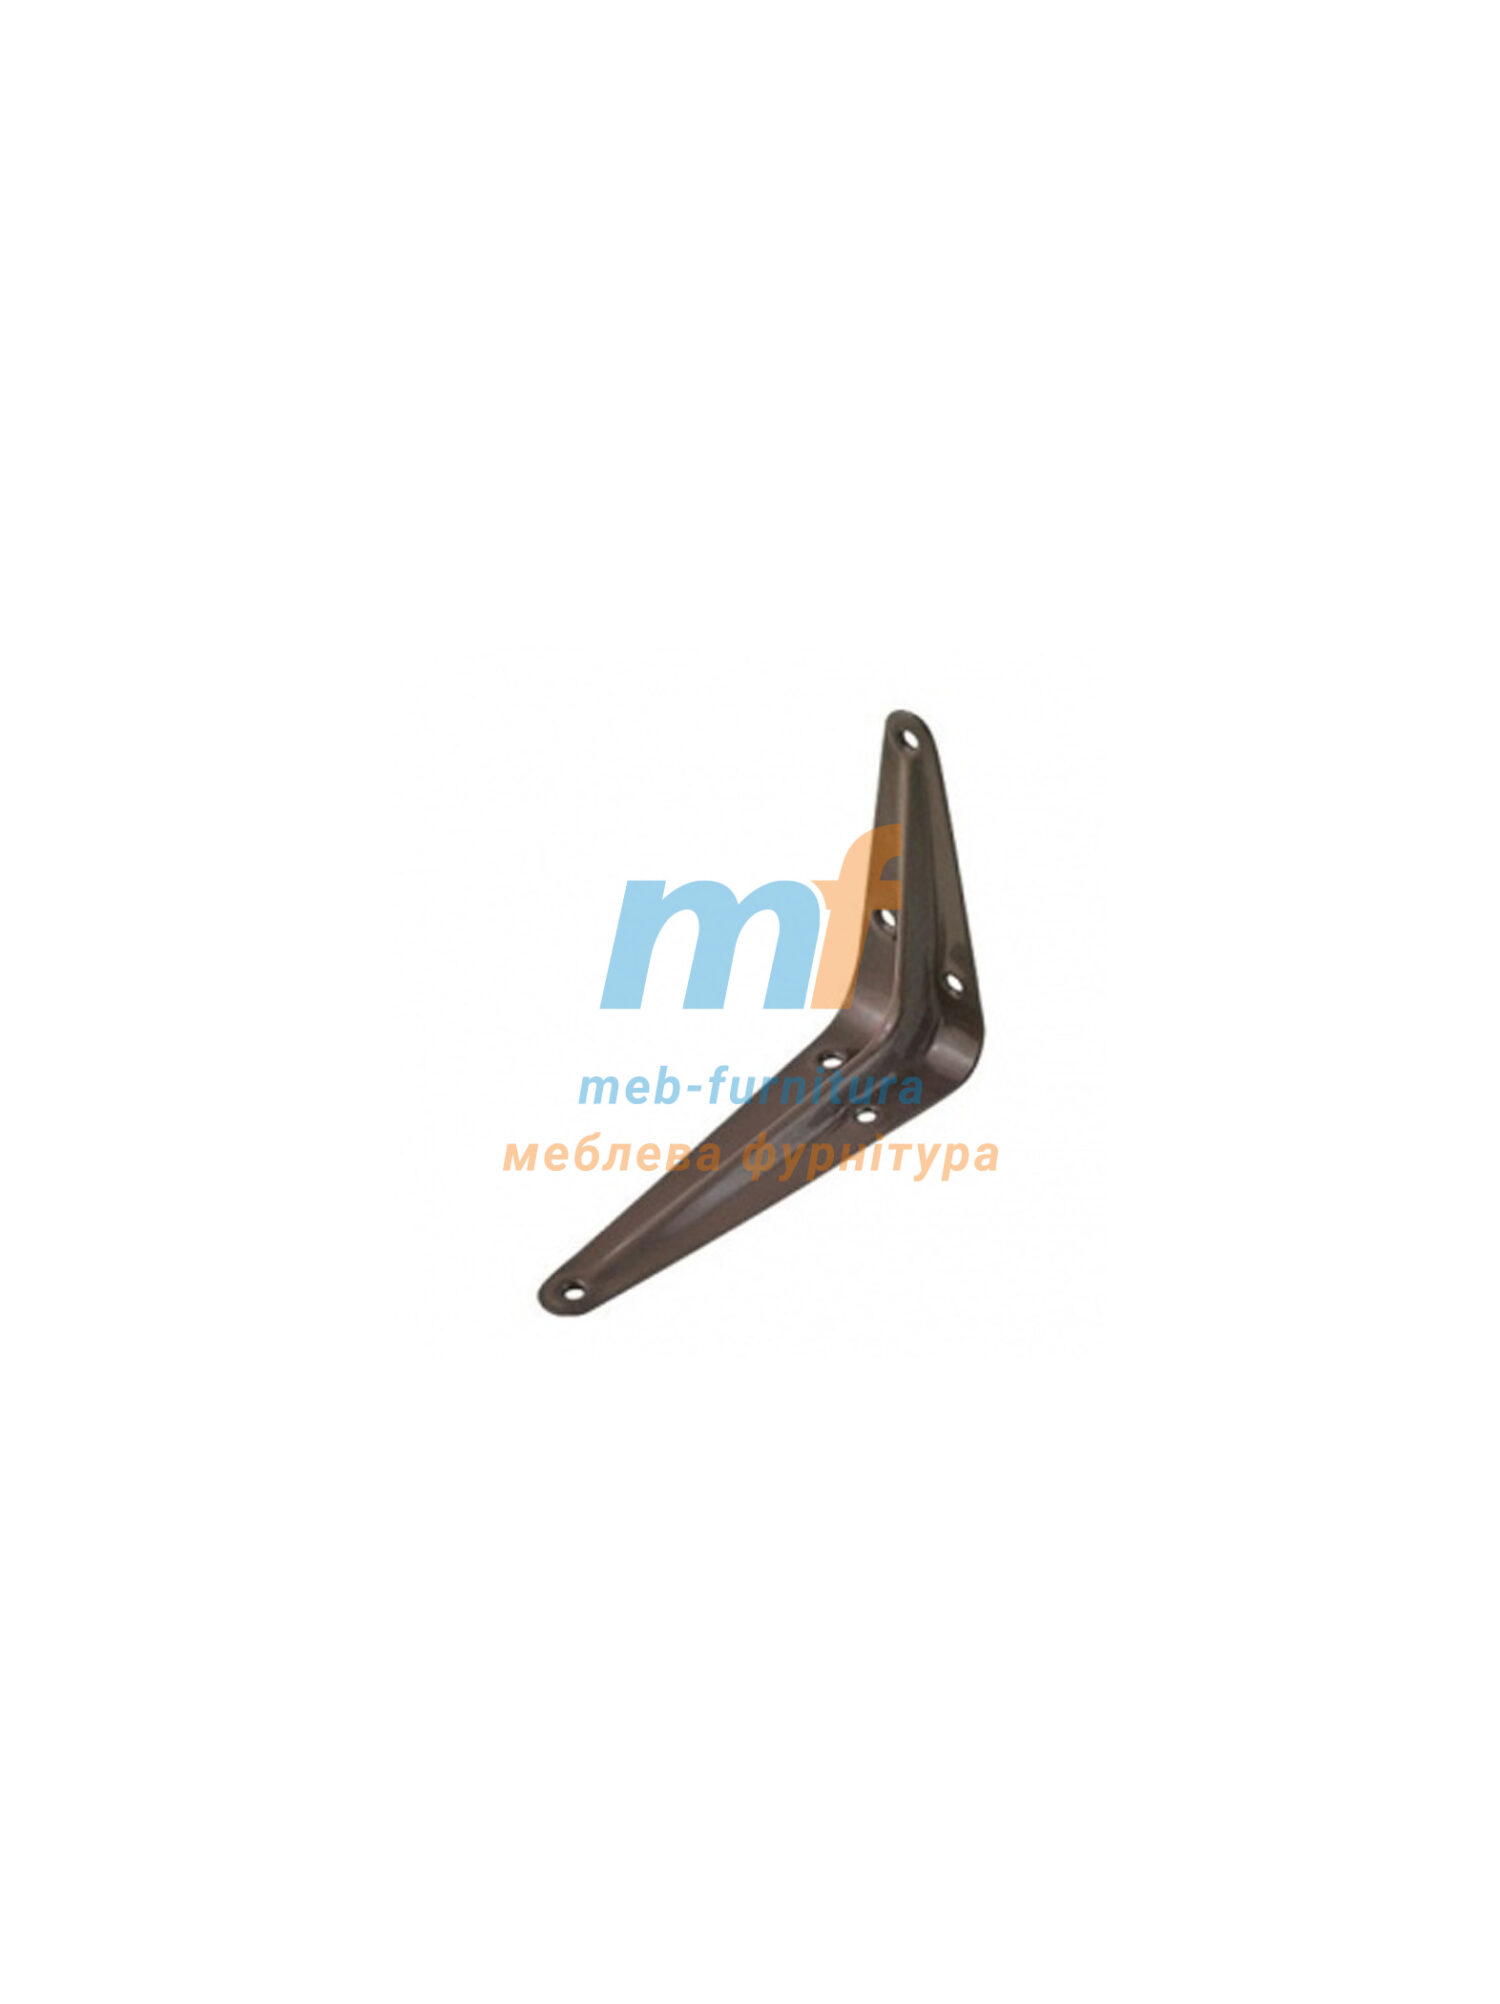 Консоль-полкодержатель металлический (8х10) 200х250мм коричневый Польша